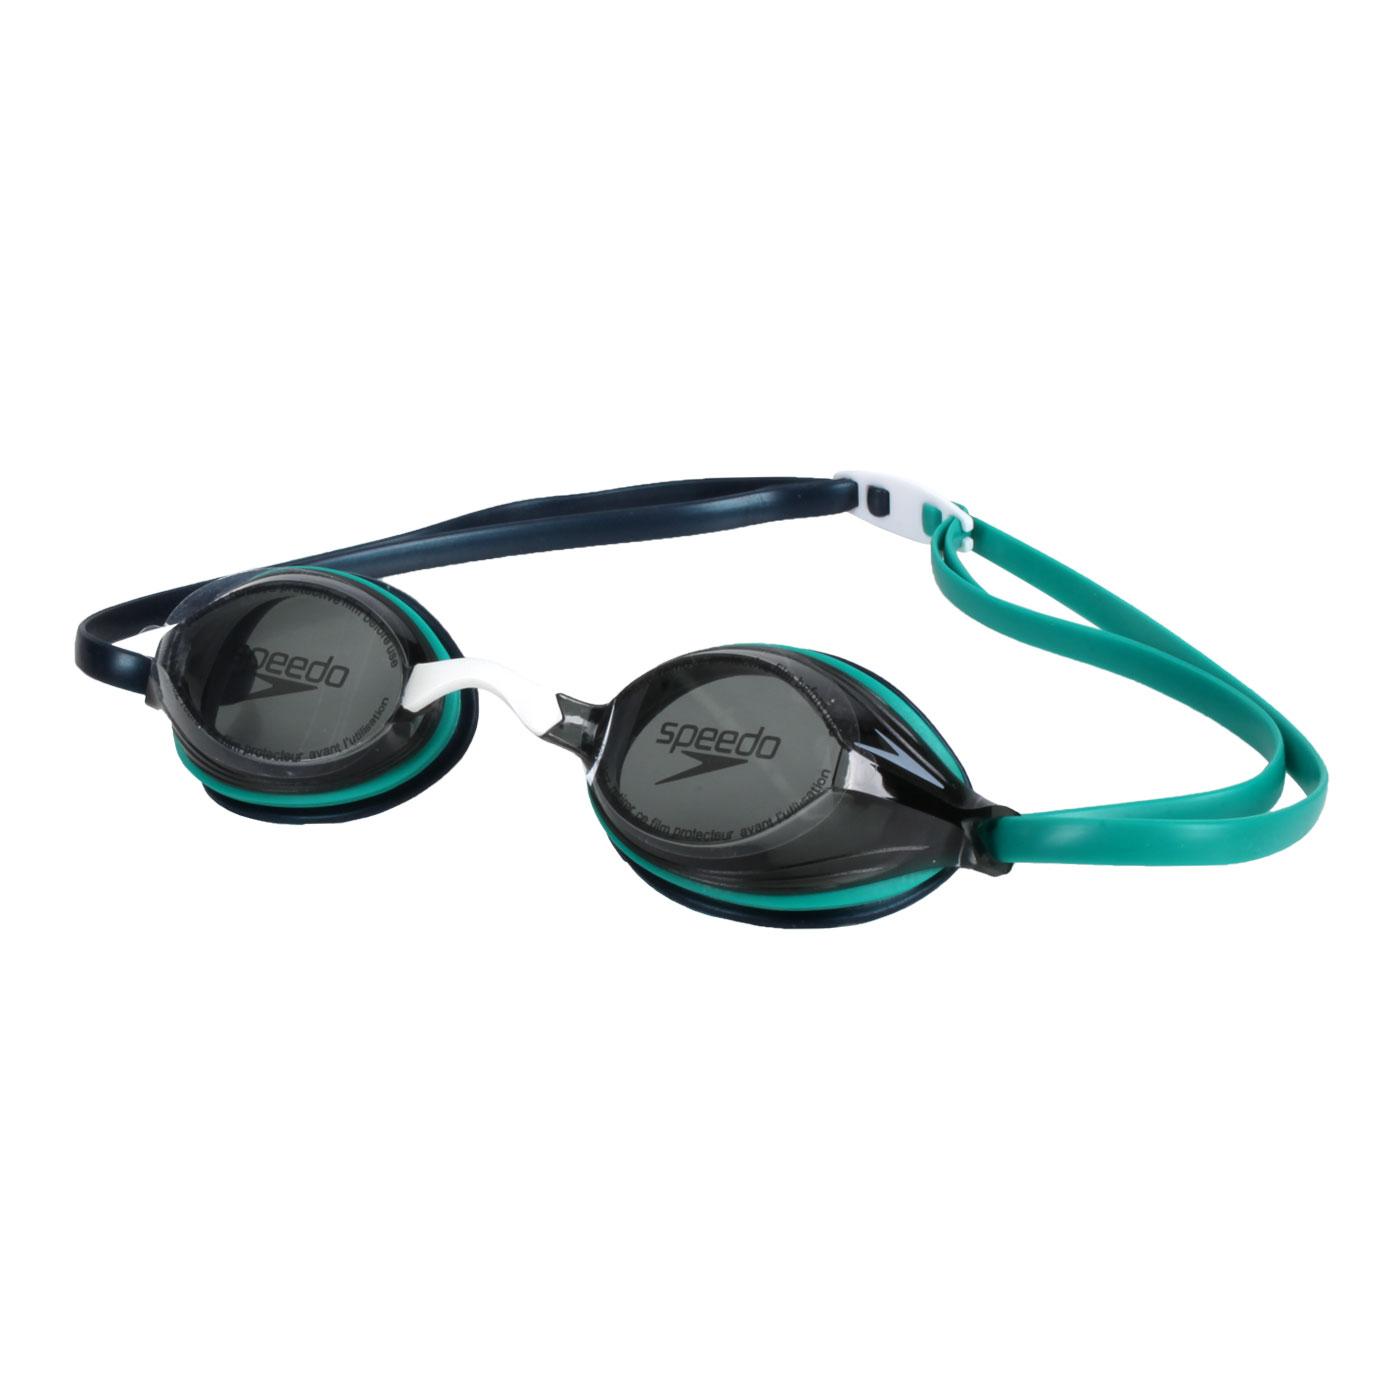 SPEEDO 成人競技泳鏡 SD811322D631 - 綠黑